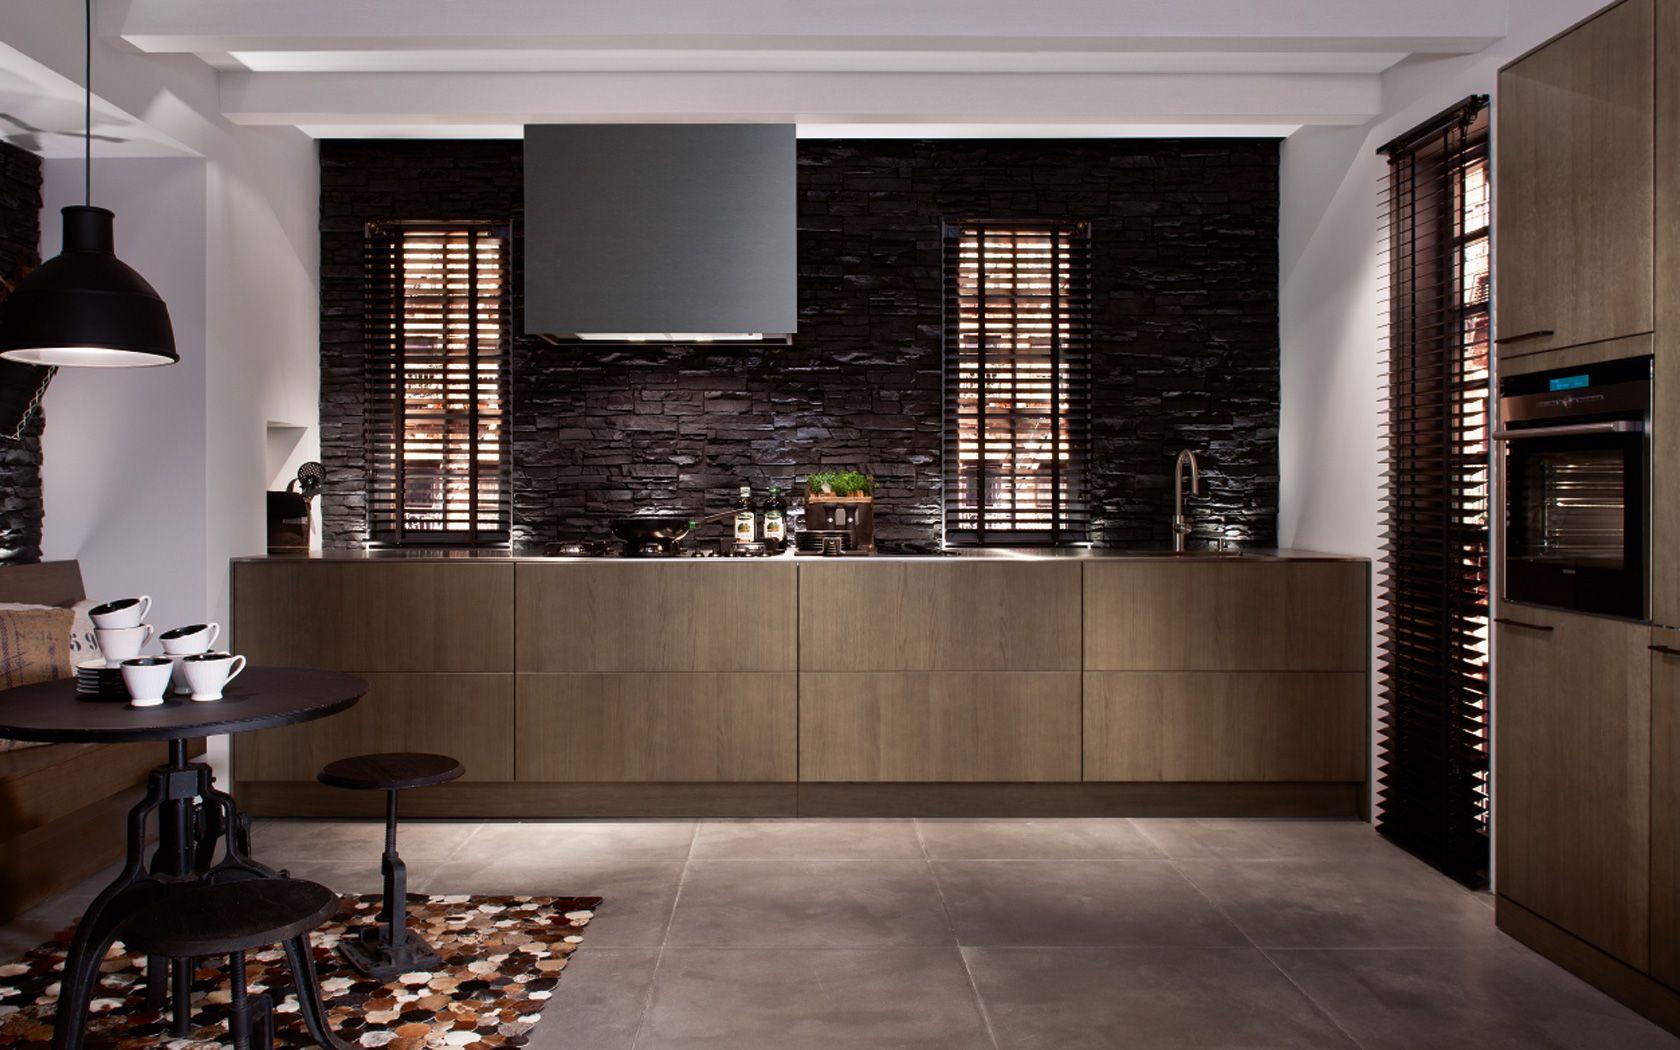 Smart Design Keukens : Siematic se keuken smart design natuurlijke schoonheid